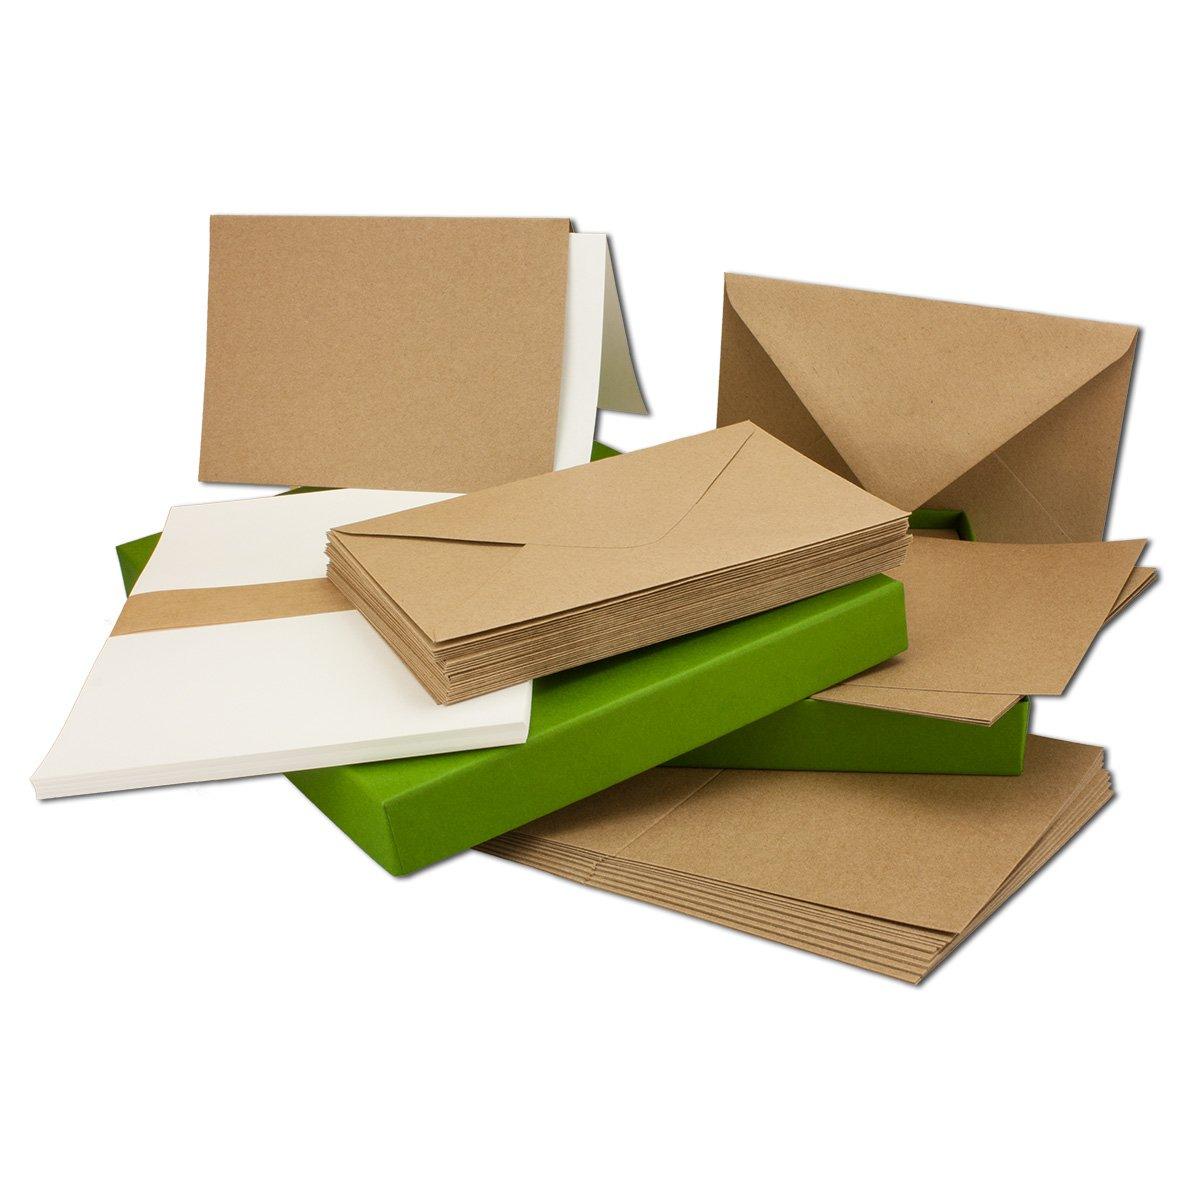 Vintage Kraftpapier-Karten Set mit Brief-Umschläge & Einlege-Blätter I 250 Sets I Blanko Recycling-Karten Natur-Braun I DIN A6   C6 B01MSX90IF | Erste in seiner Klasse